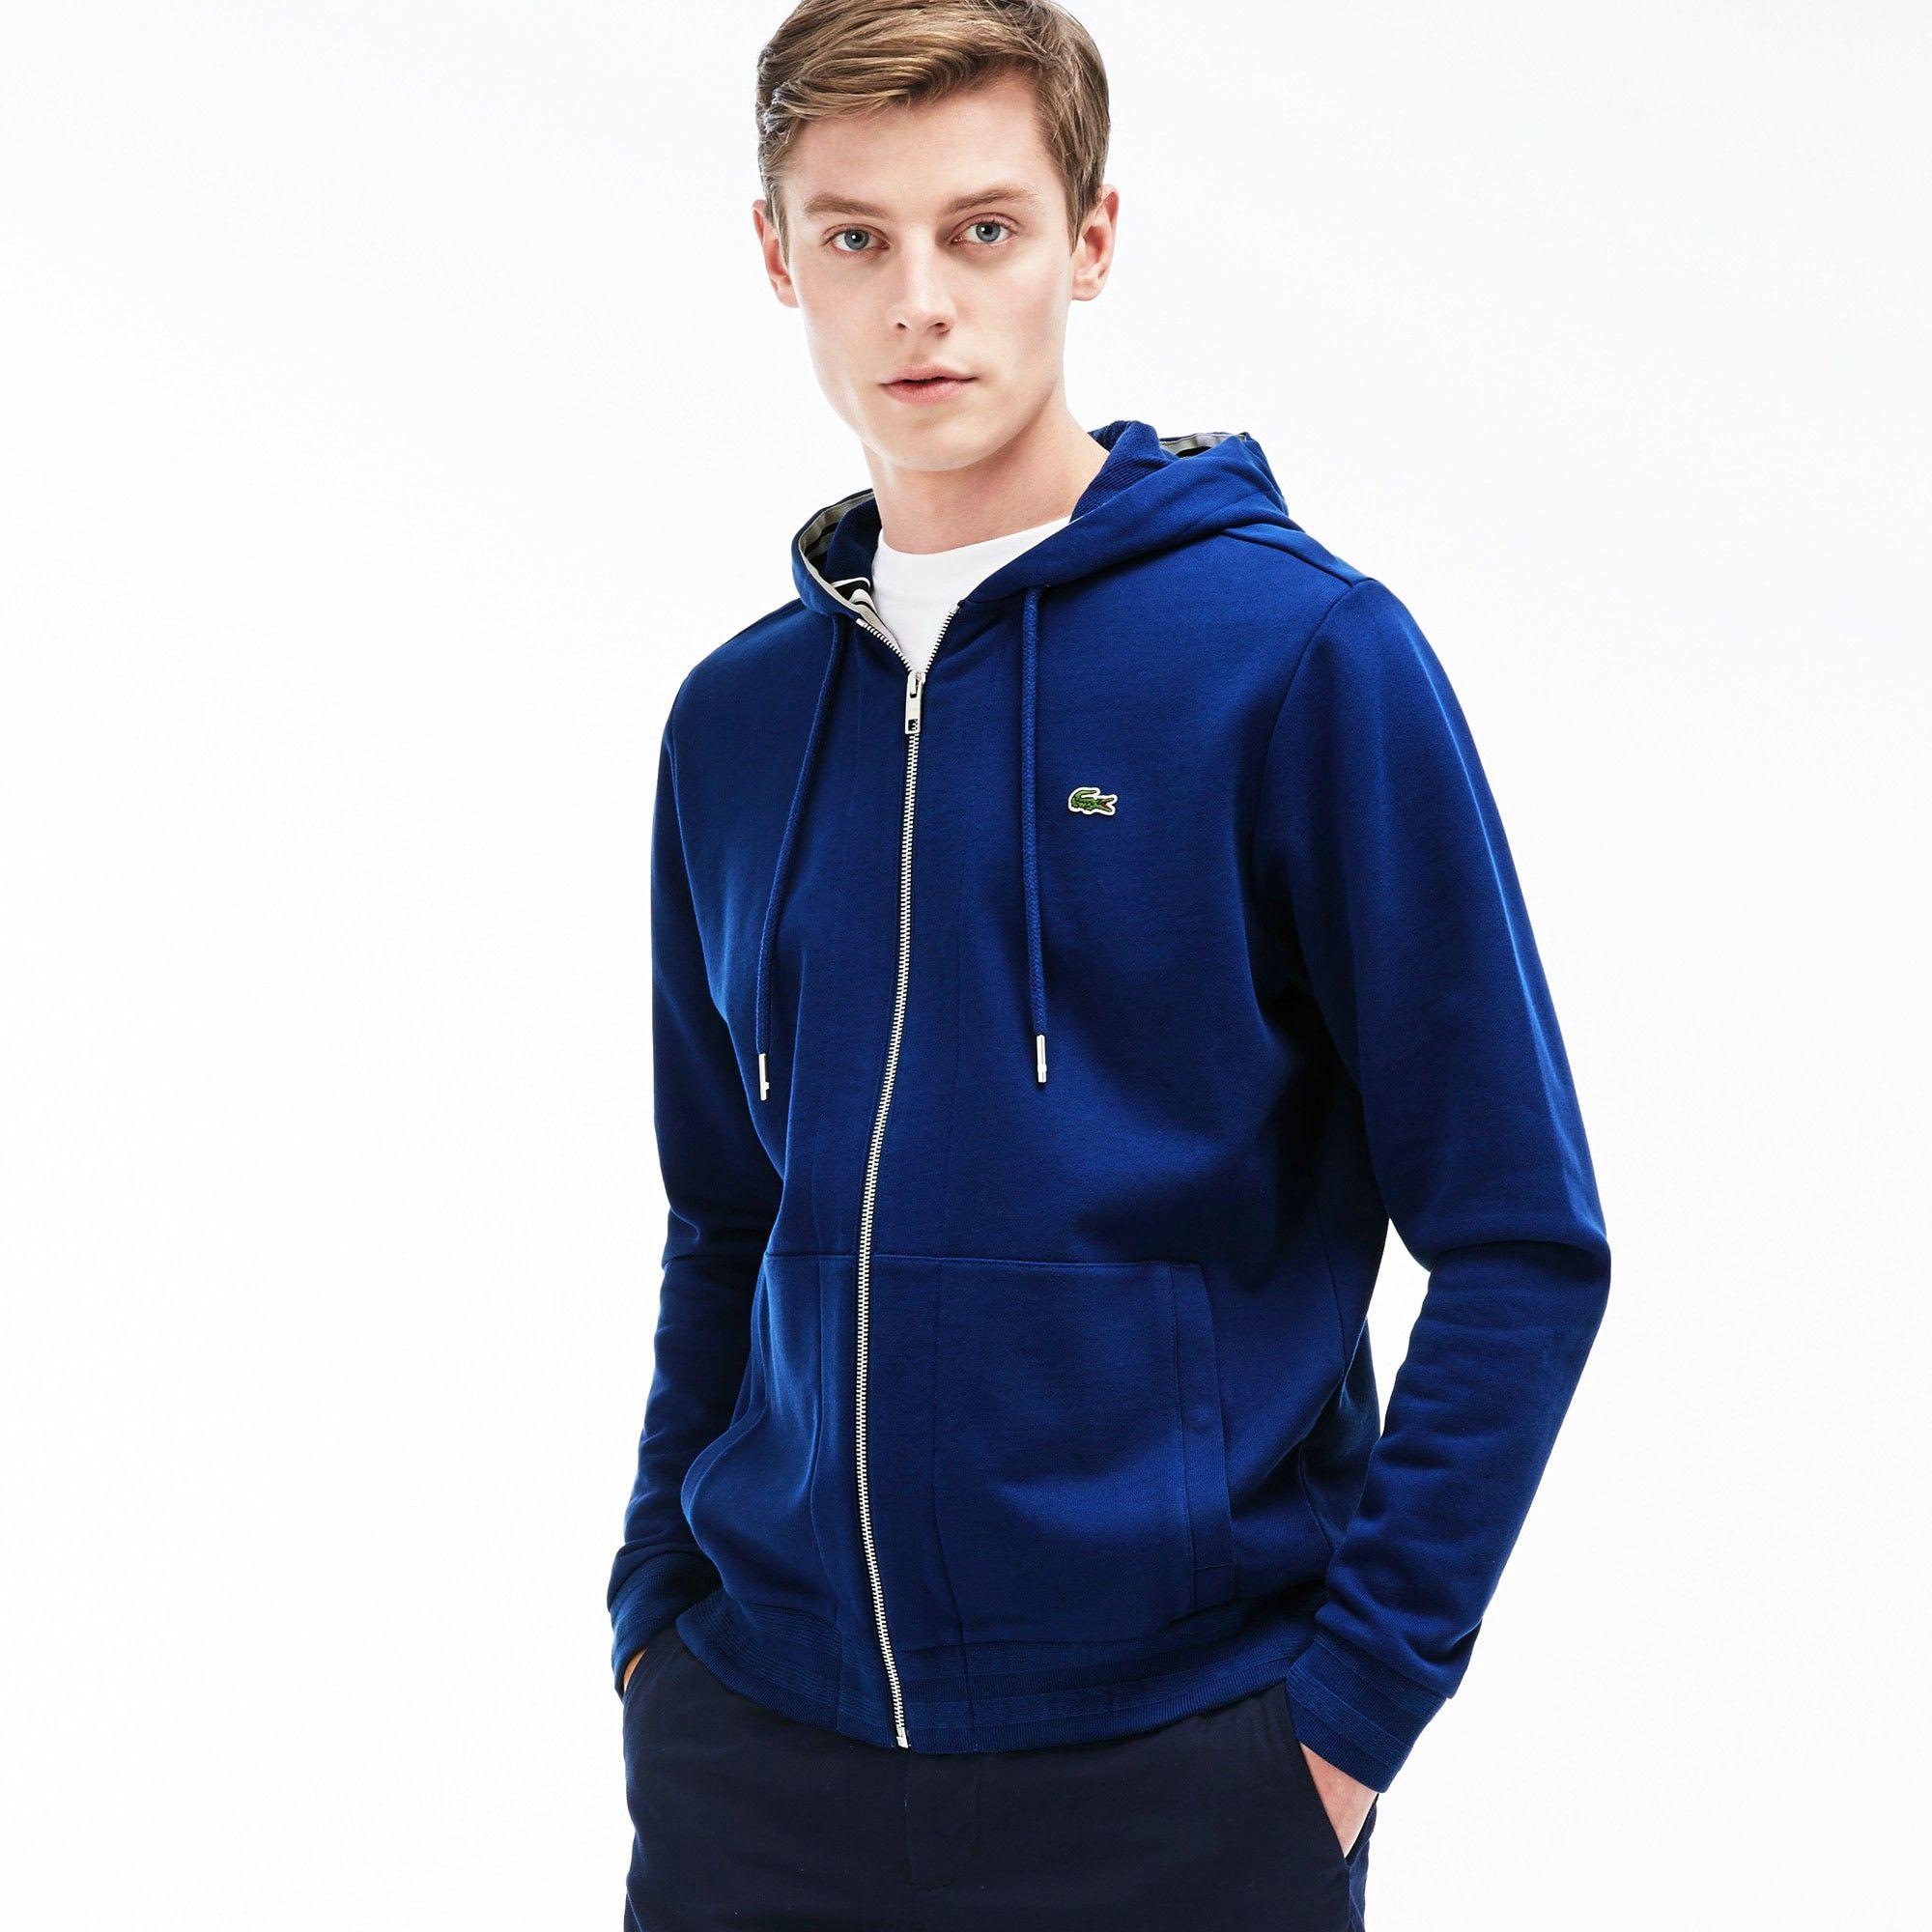 098ef4e6ff4c5 LACOSTE Men s Semi-Fancy Stripe Detail Fleece Hoodie - waterfall blue.   lacoste  cloth